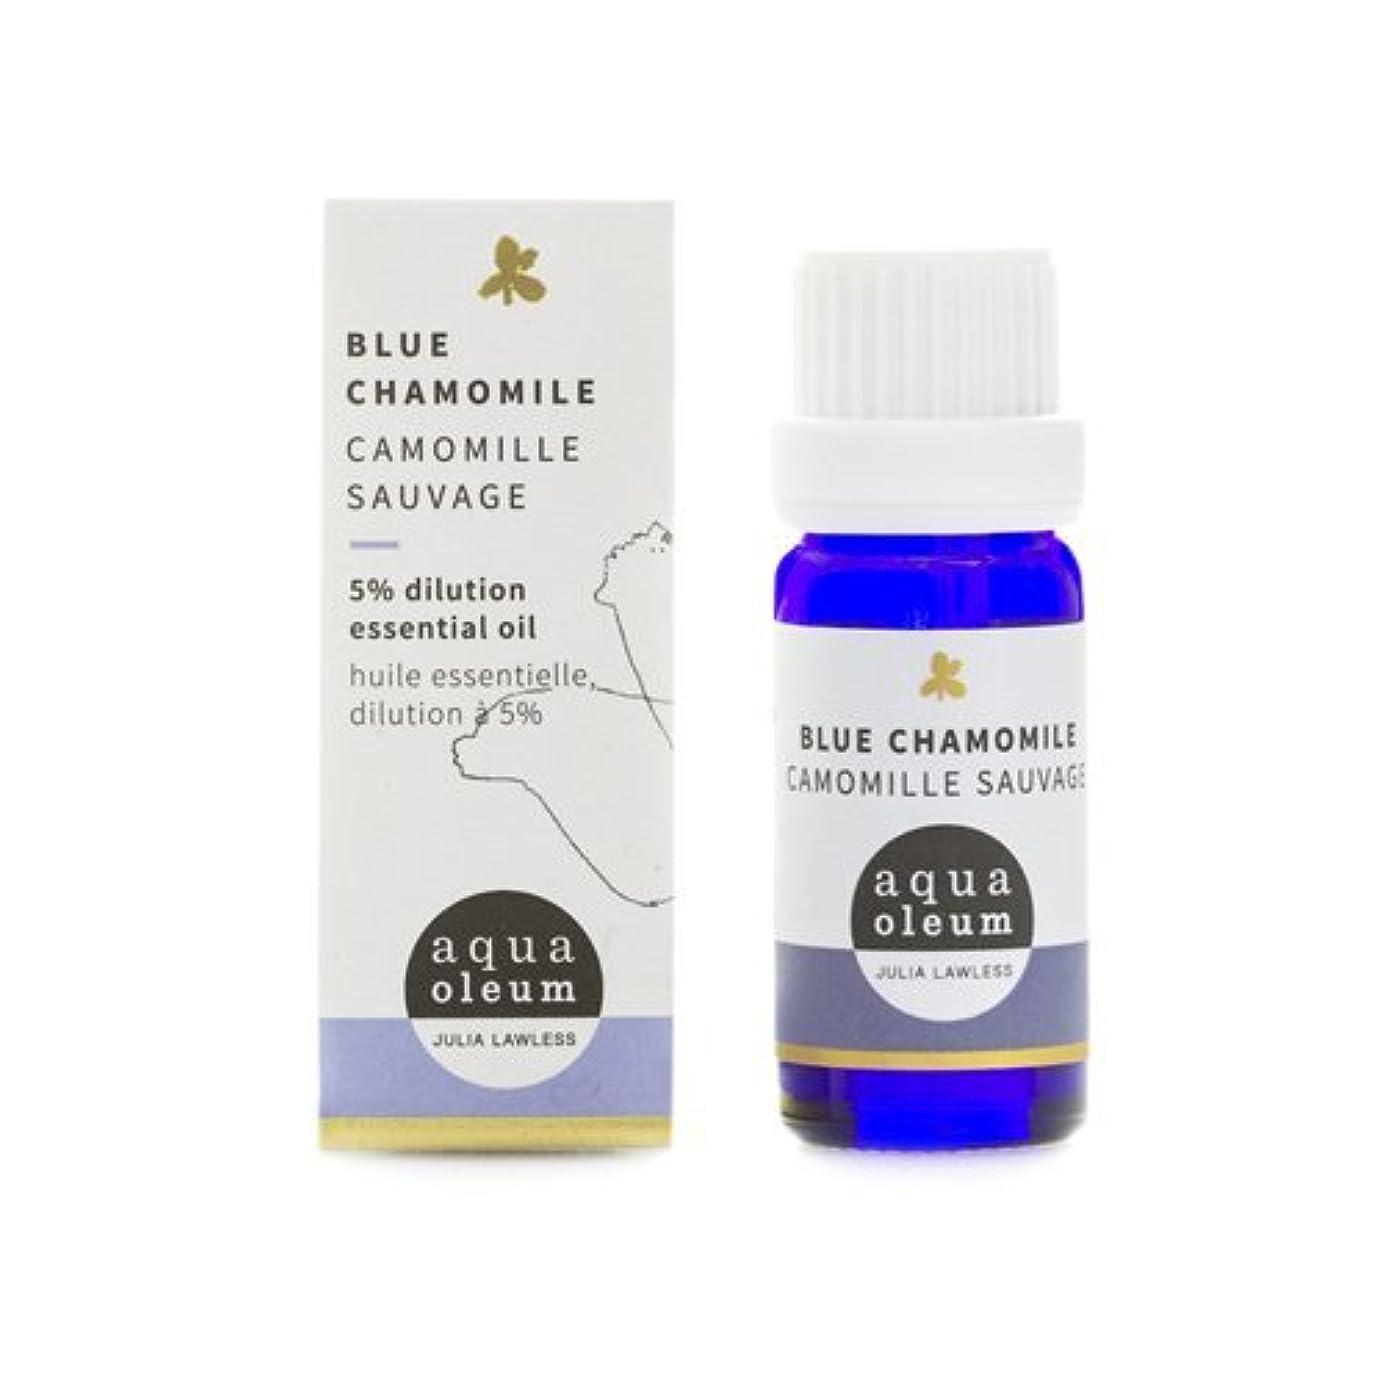 失う極小時系列アクアオレウム ブレンドオイル  ジャーマンカモミール 5%ココナッツオイル希釈  10ml(精油)